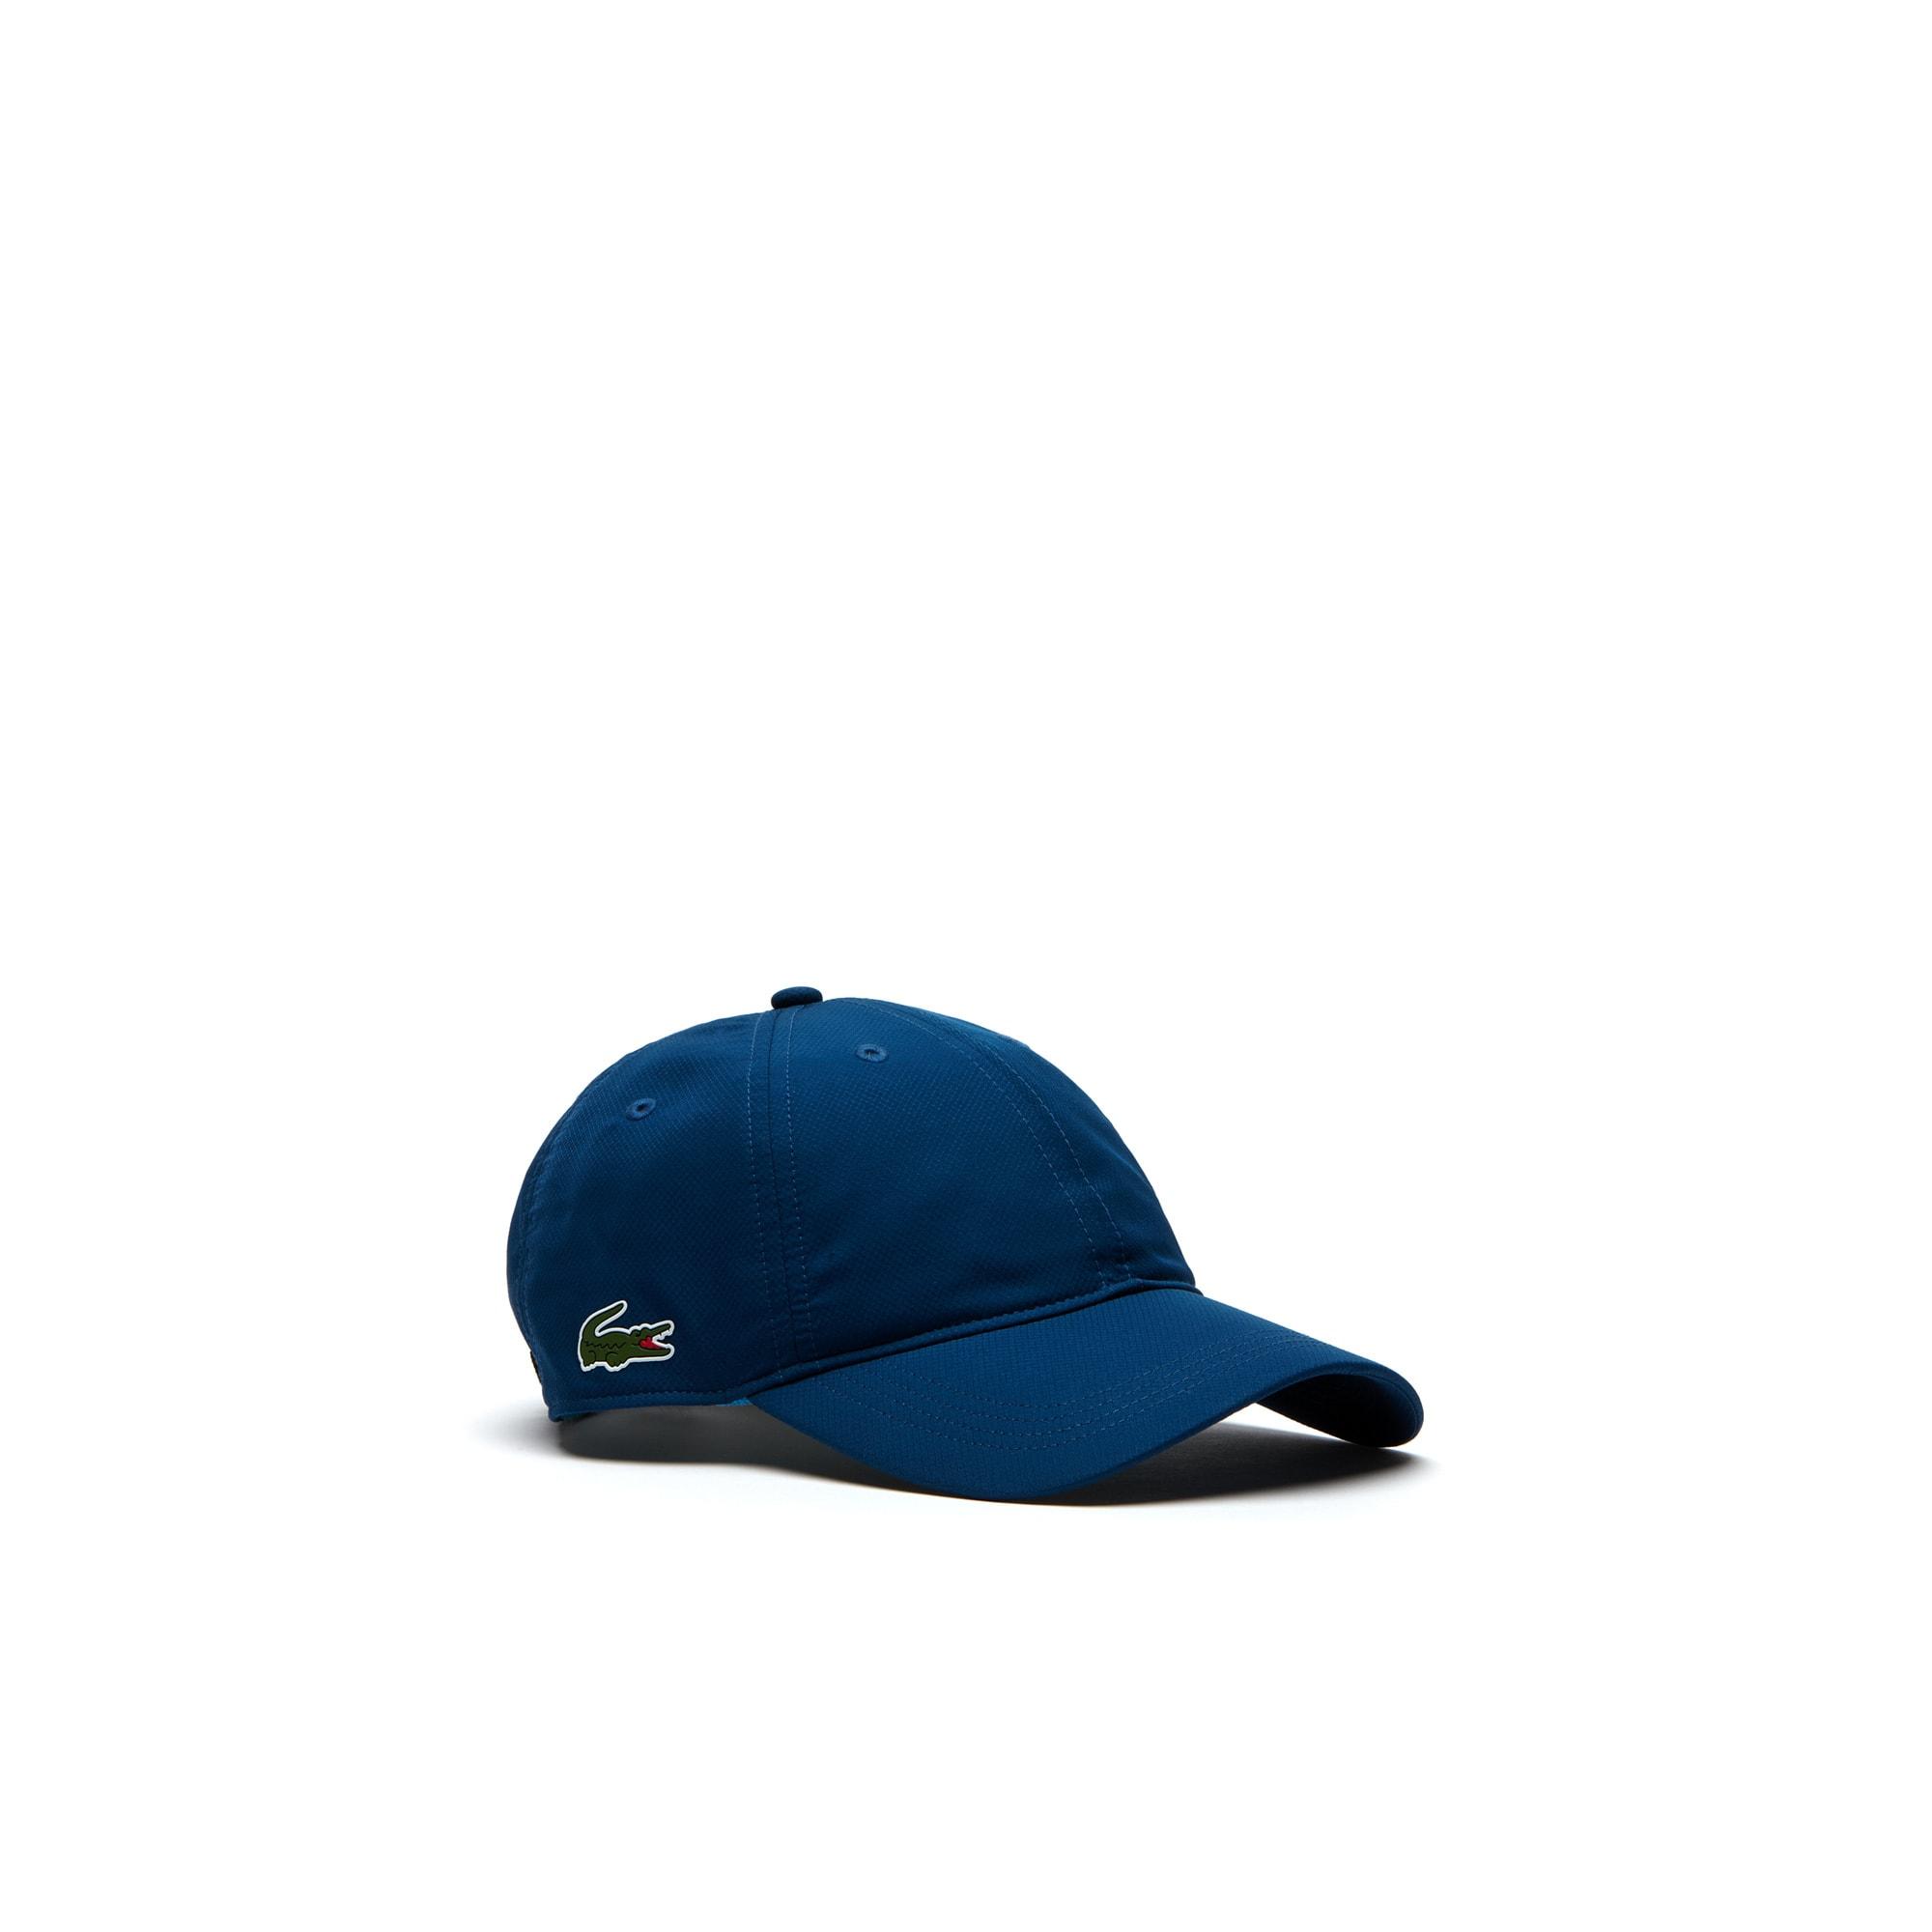 Men's Lacoste SPORT cap in solid diamond weave taffeta